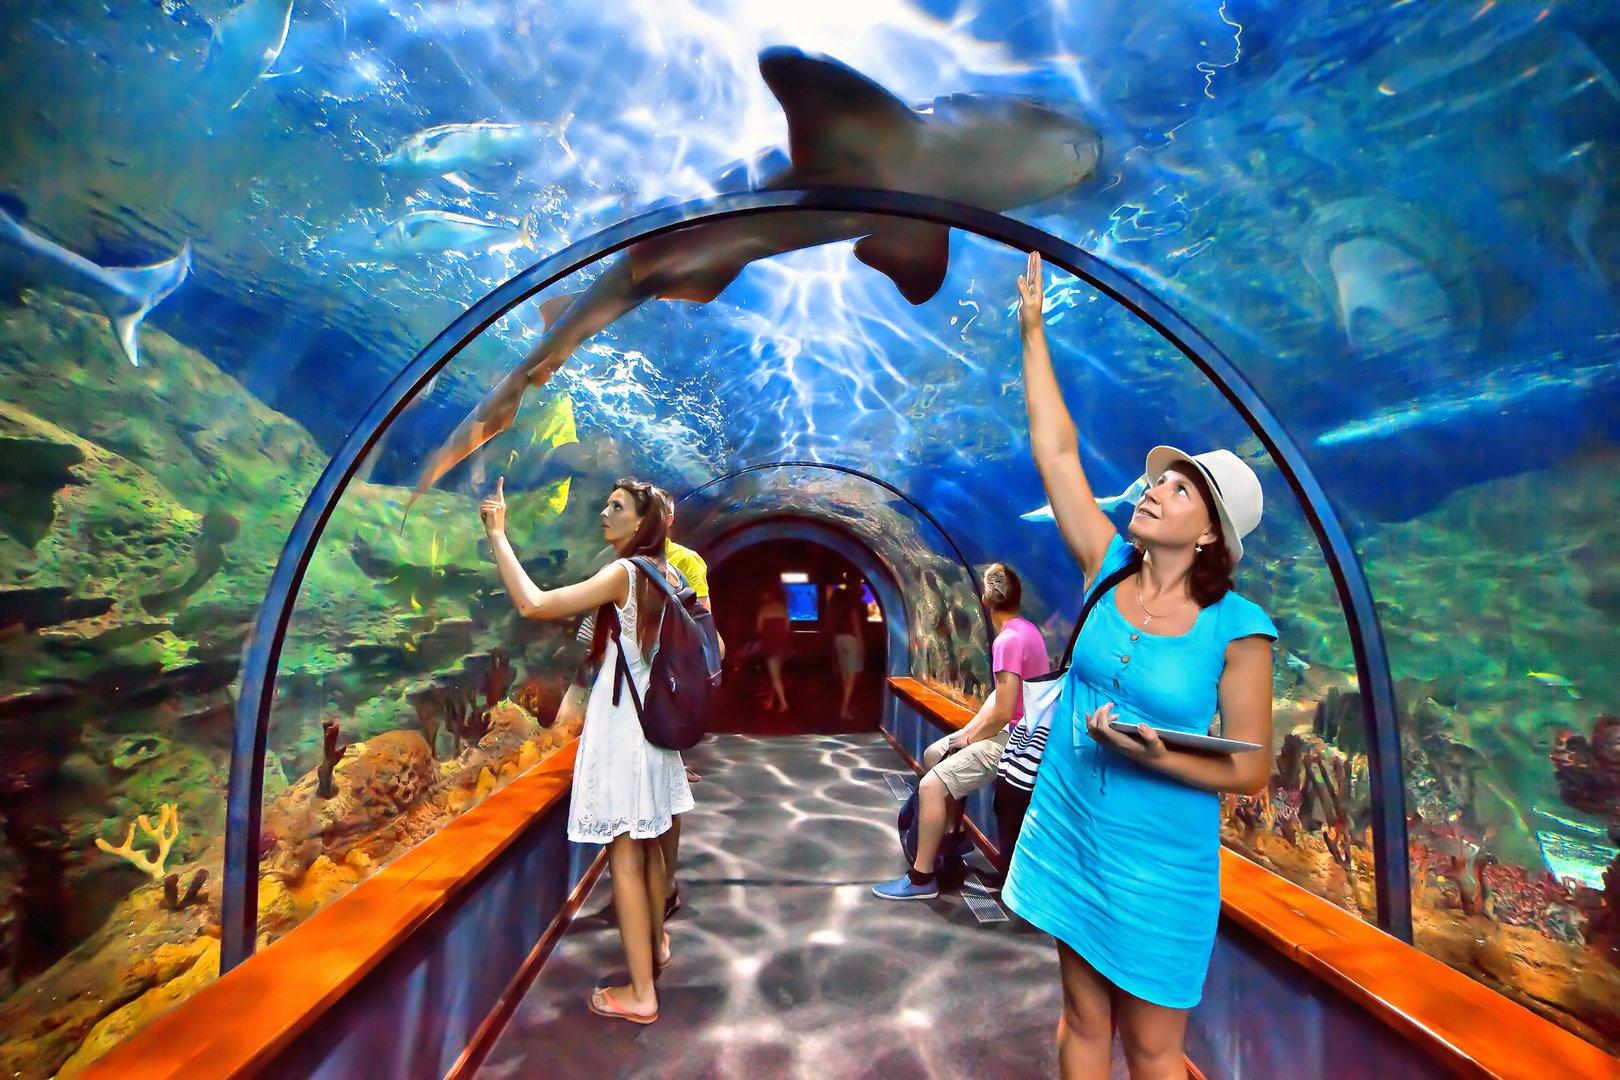 壁纸 海底 海底世界 海洋馆 水族馆 1620_1080